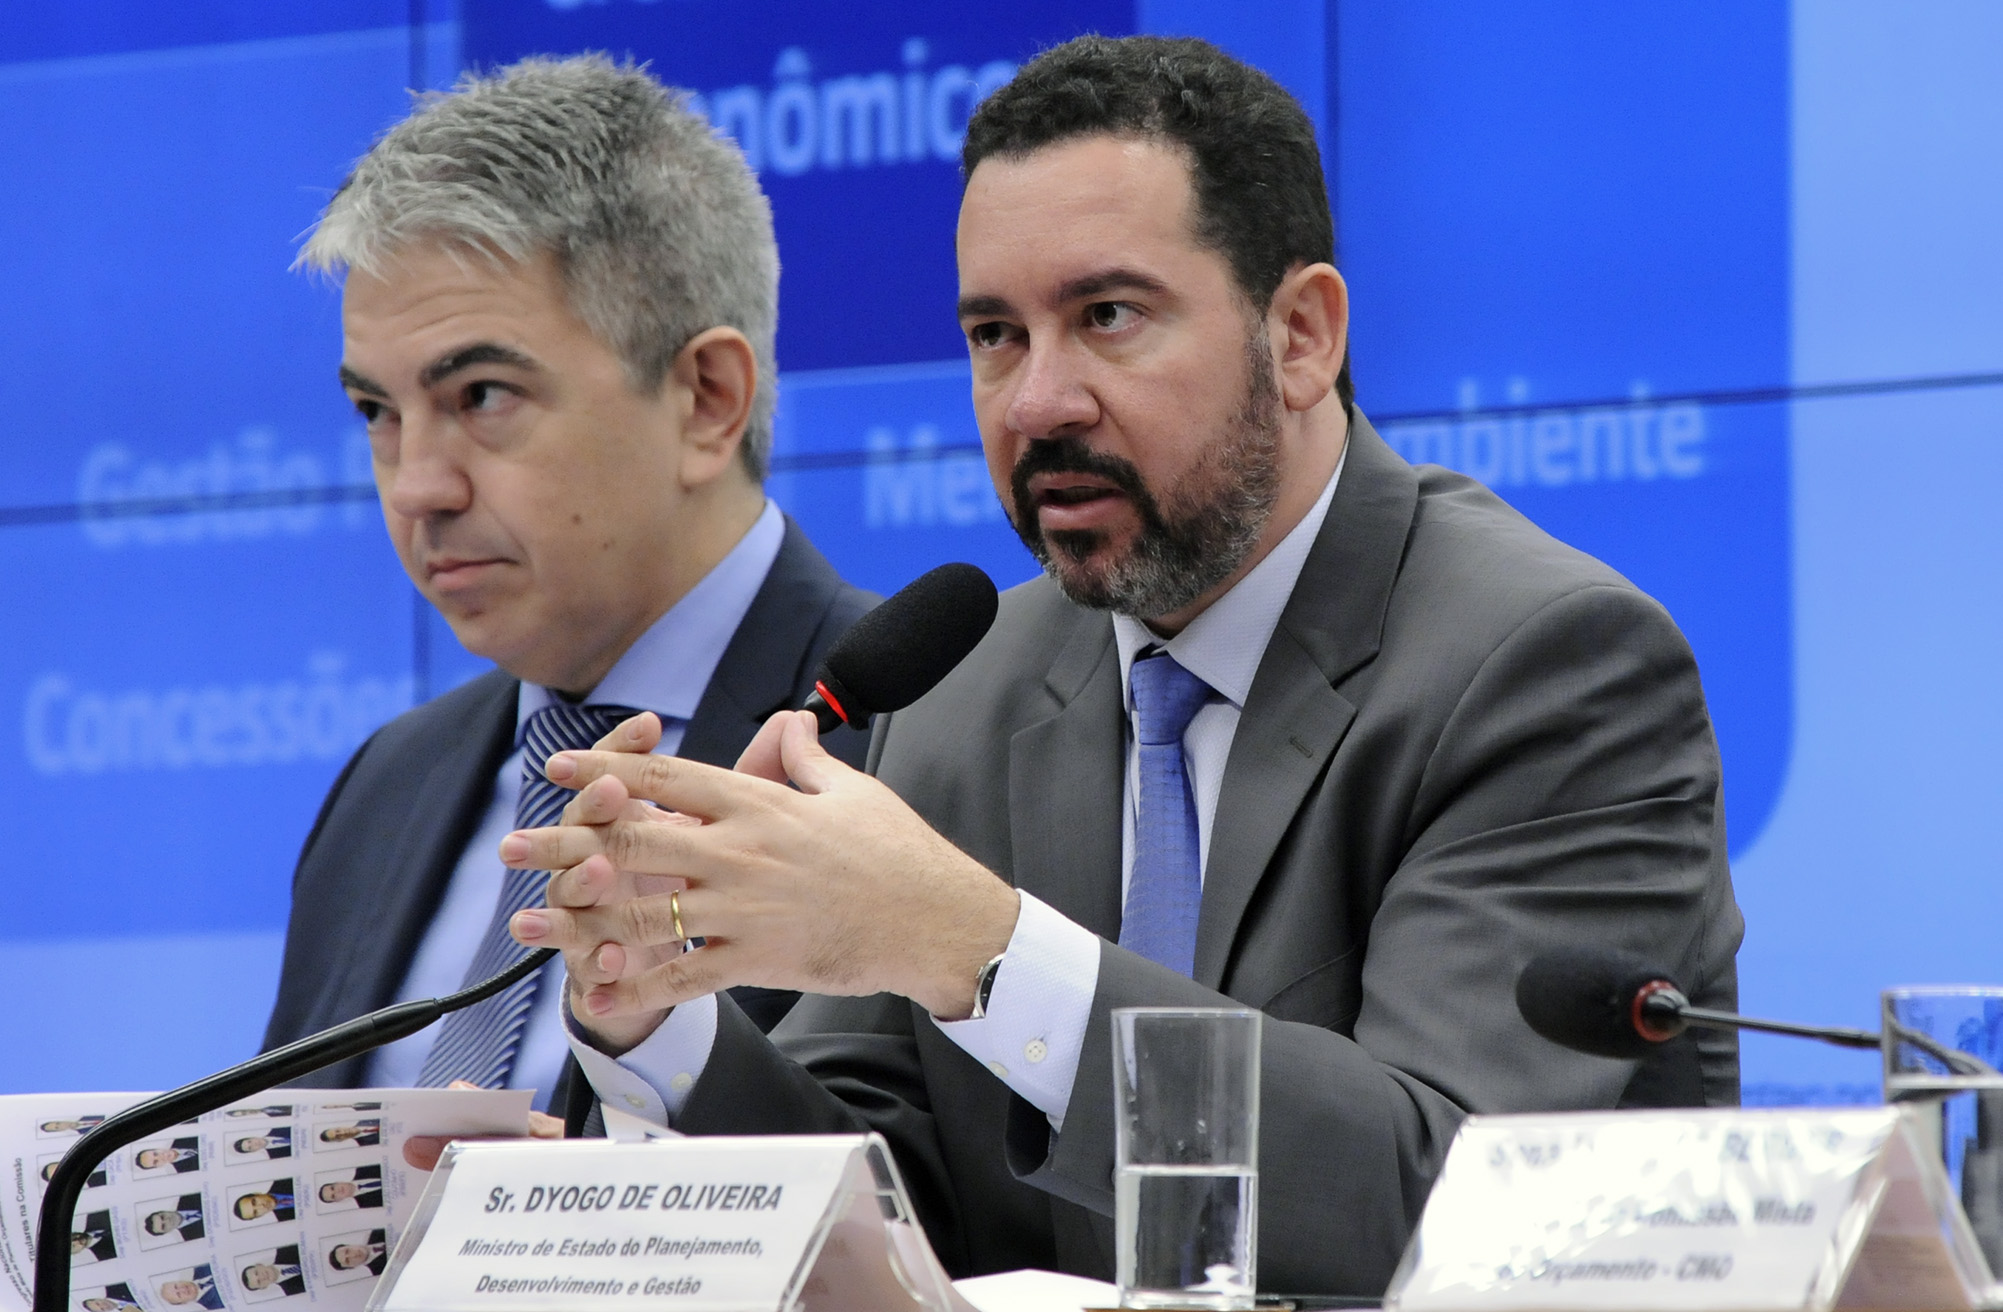 Audiência pública para prestação de esclarecimentos sobre o Projeto de Lei Orçamentária para 2018. Ministro do Planejamento, Desenvolvimento e Gestão (MP), Dyogo Henrique de Oliveir